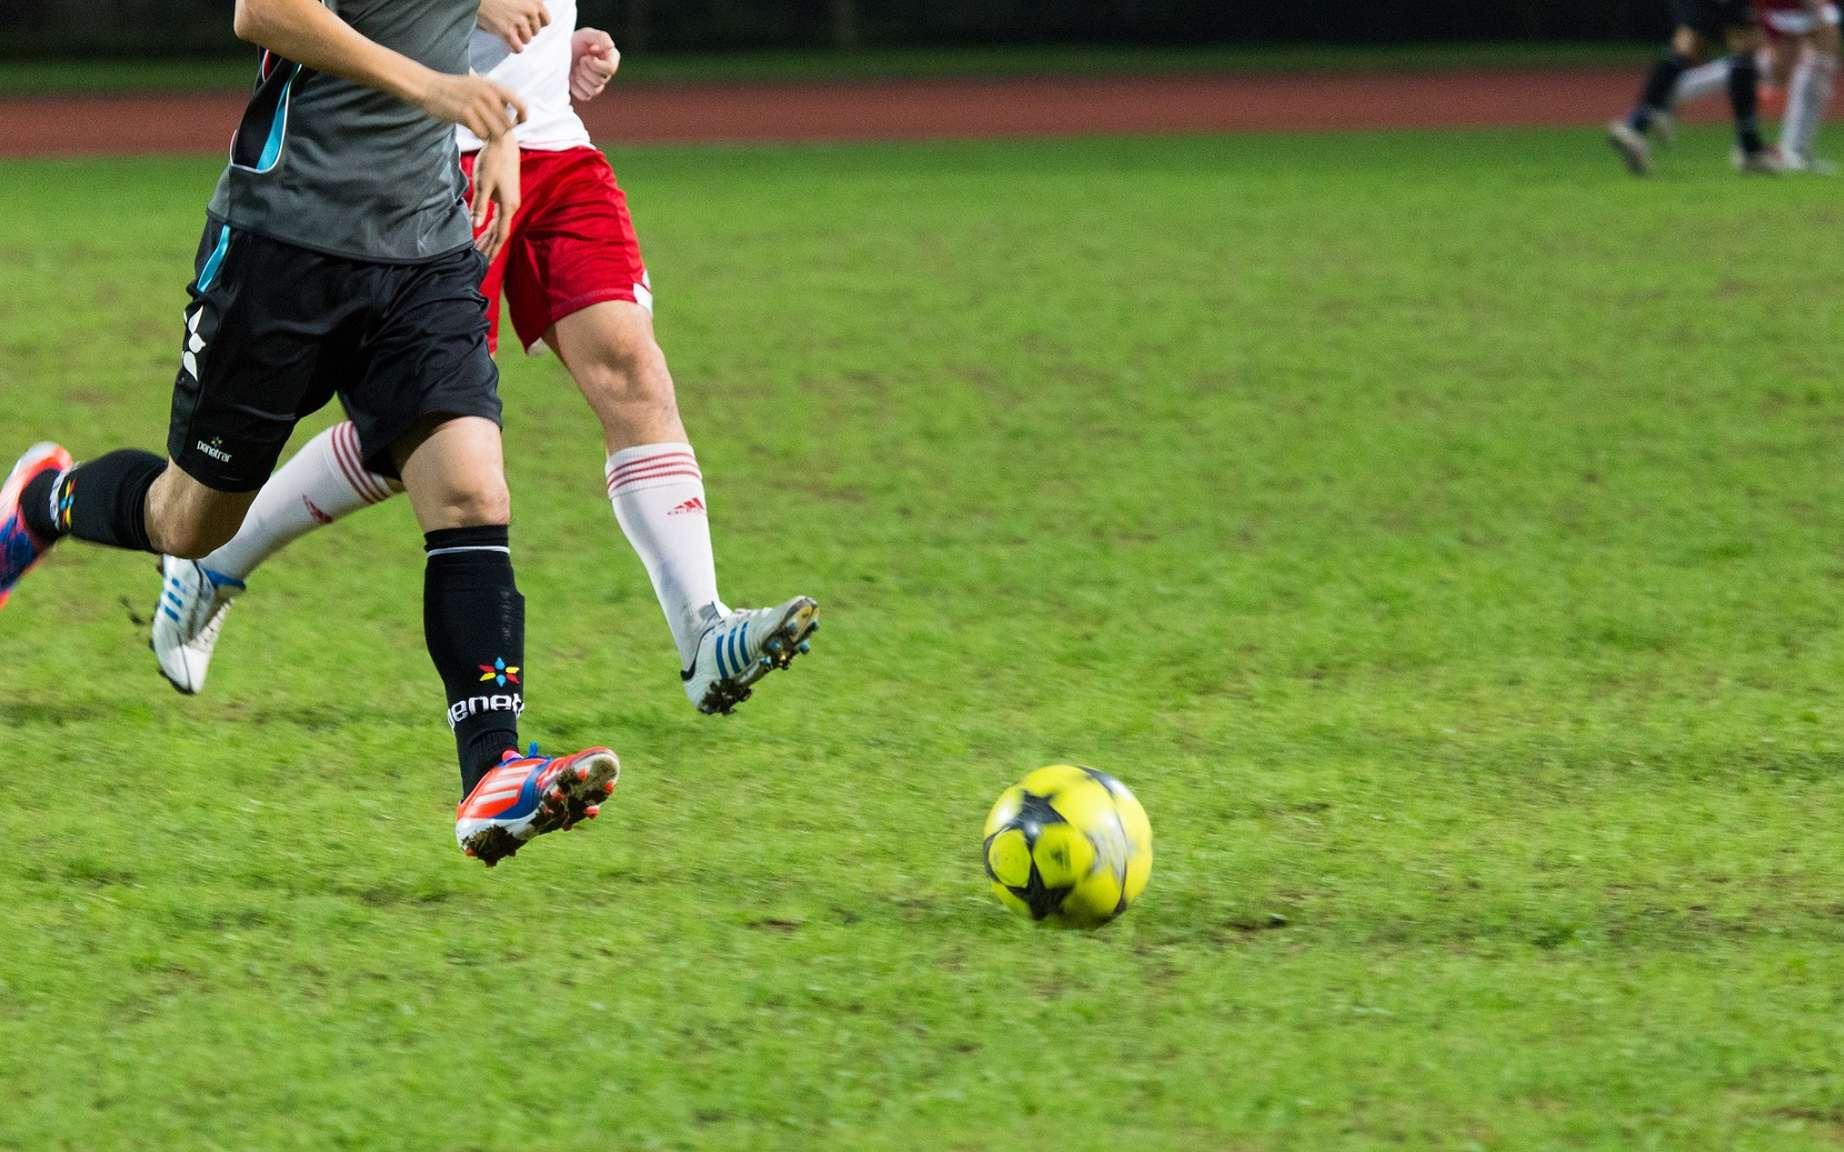 Les muscles ischio-jambiers sont sollicités dans nombre de sports, tel le football. © See-ming Lee, Flickr, CC by 2.0